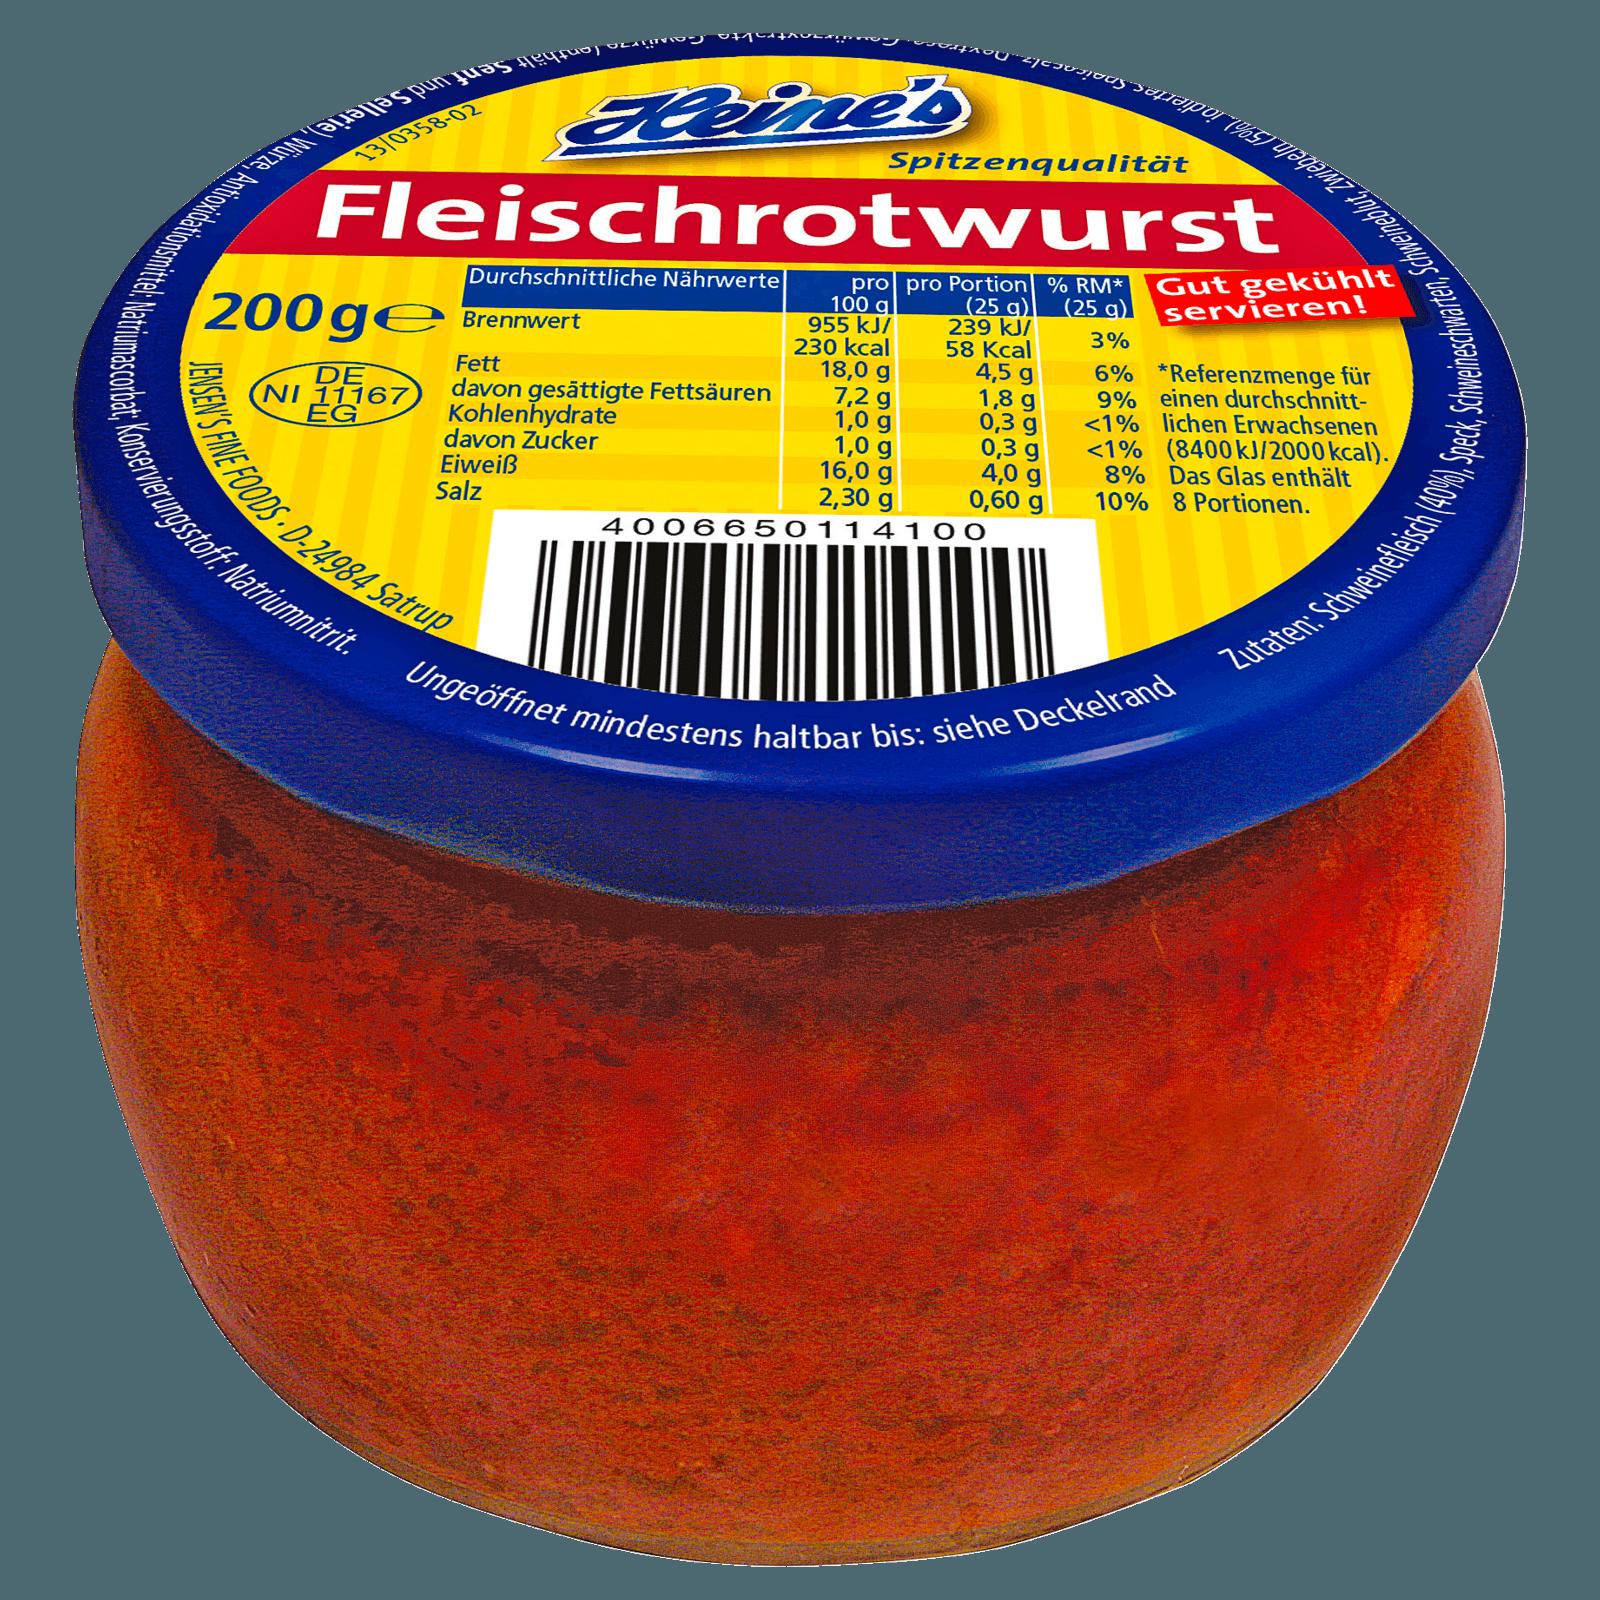 Heine's Fleischrotwurst 200g